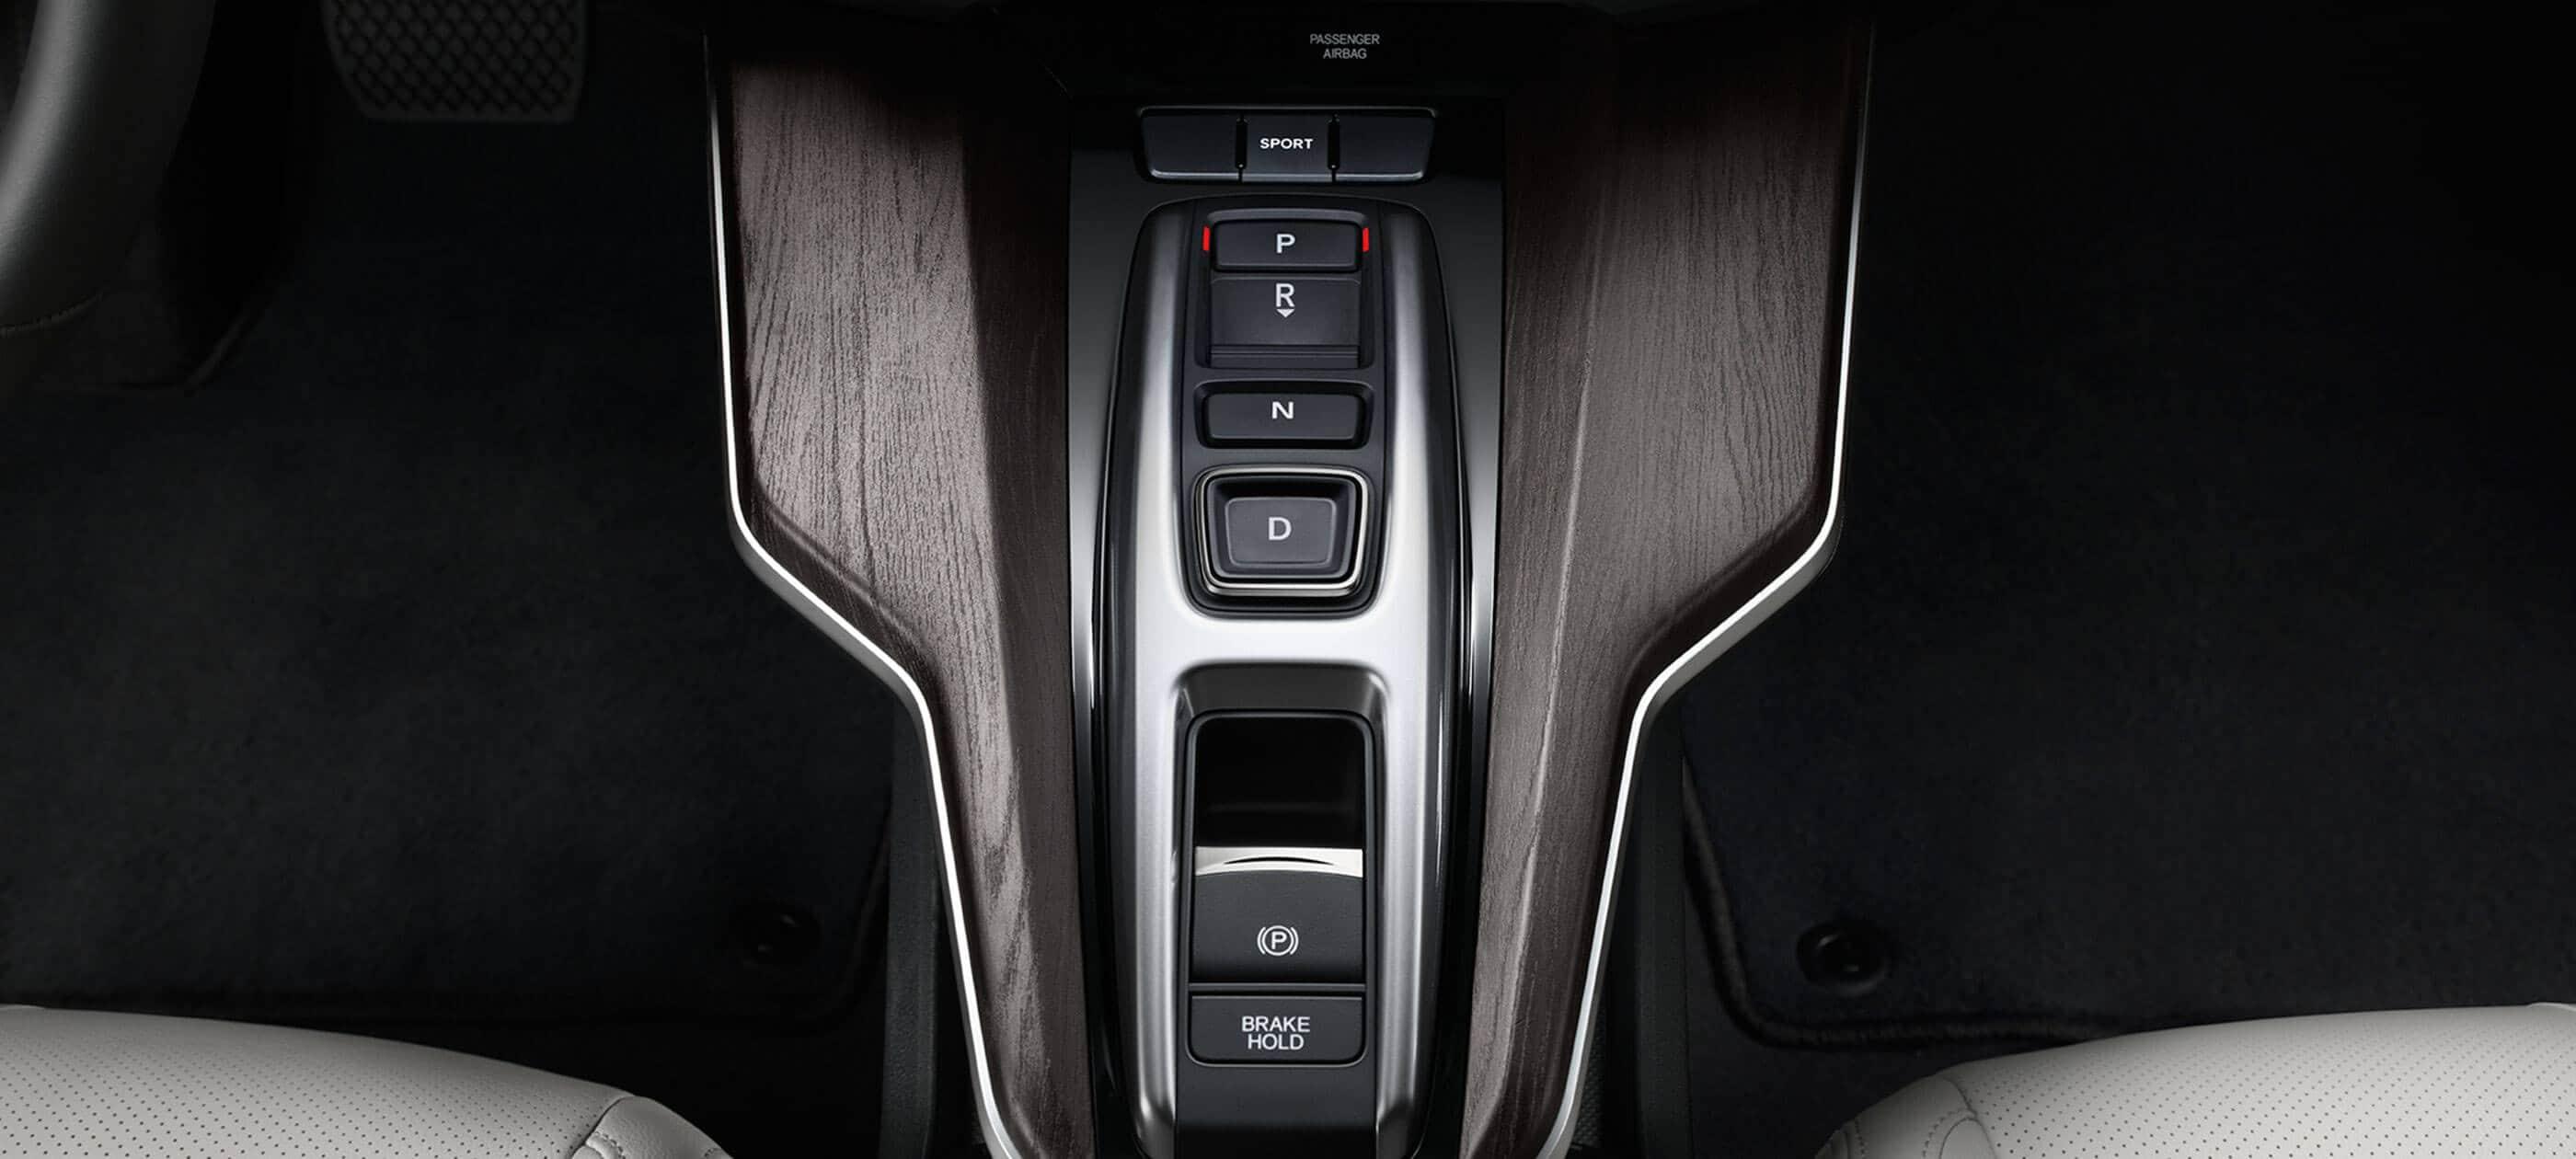 Diseño orientado al conductor